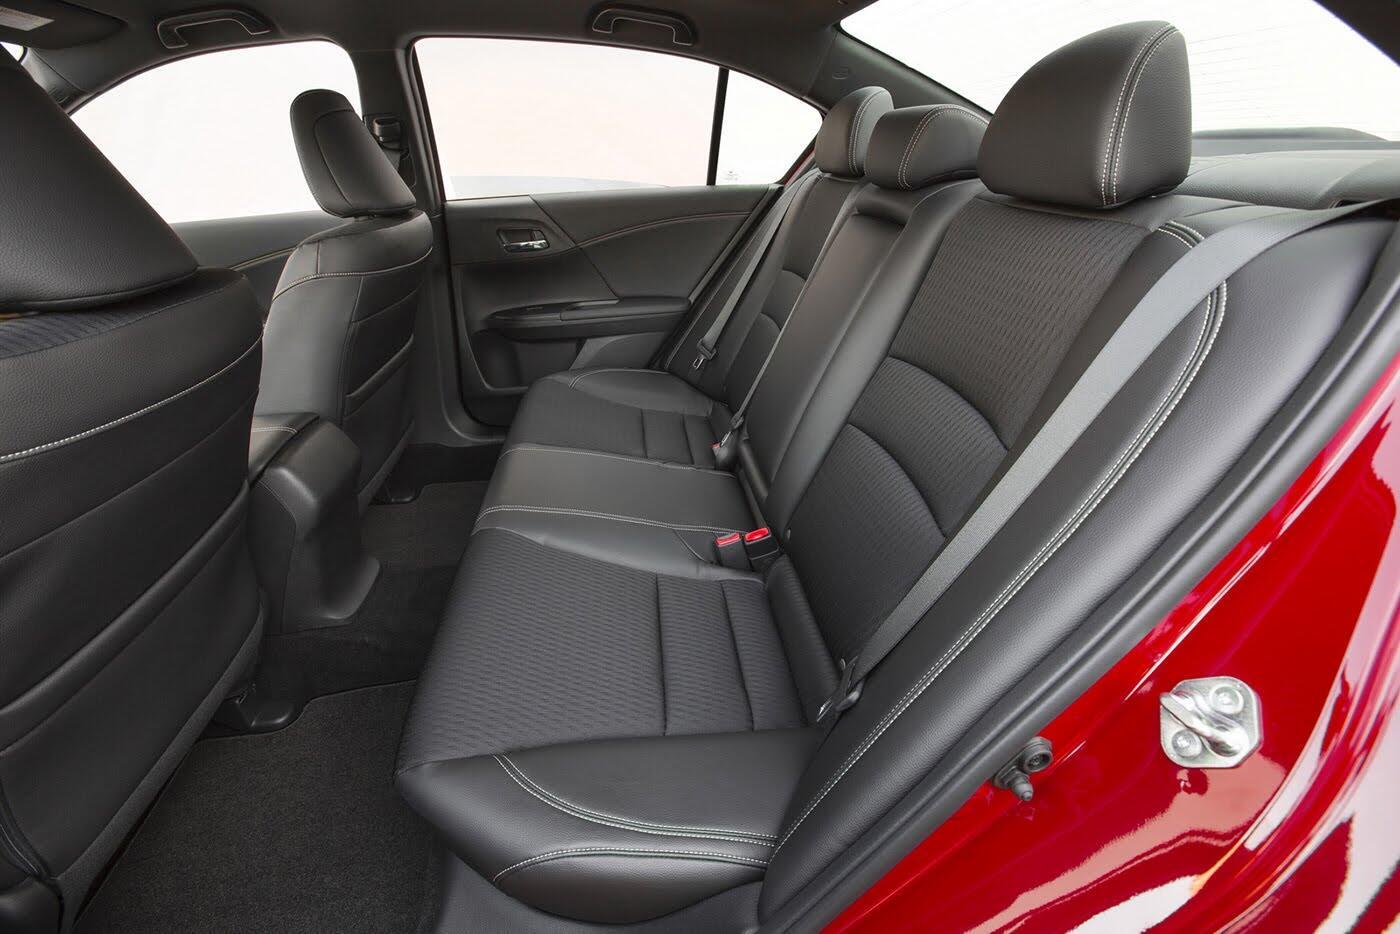 Hơn 1 triệu xe Honda Accord bị triệu hồi vì nguy cơ cháy tại Mỹ - Hình 3